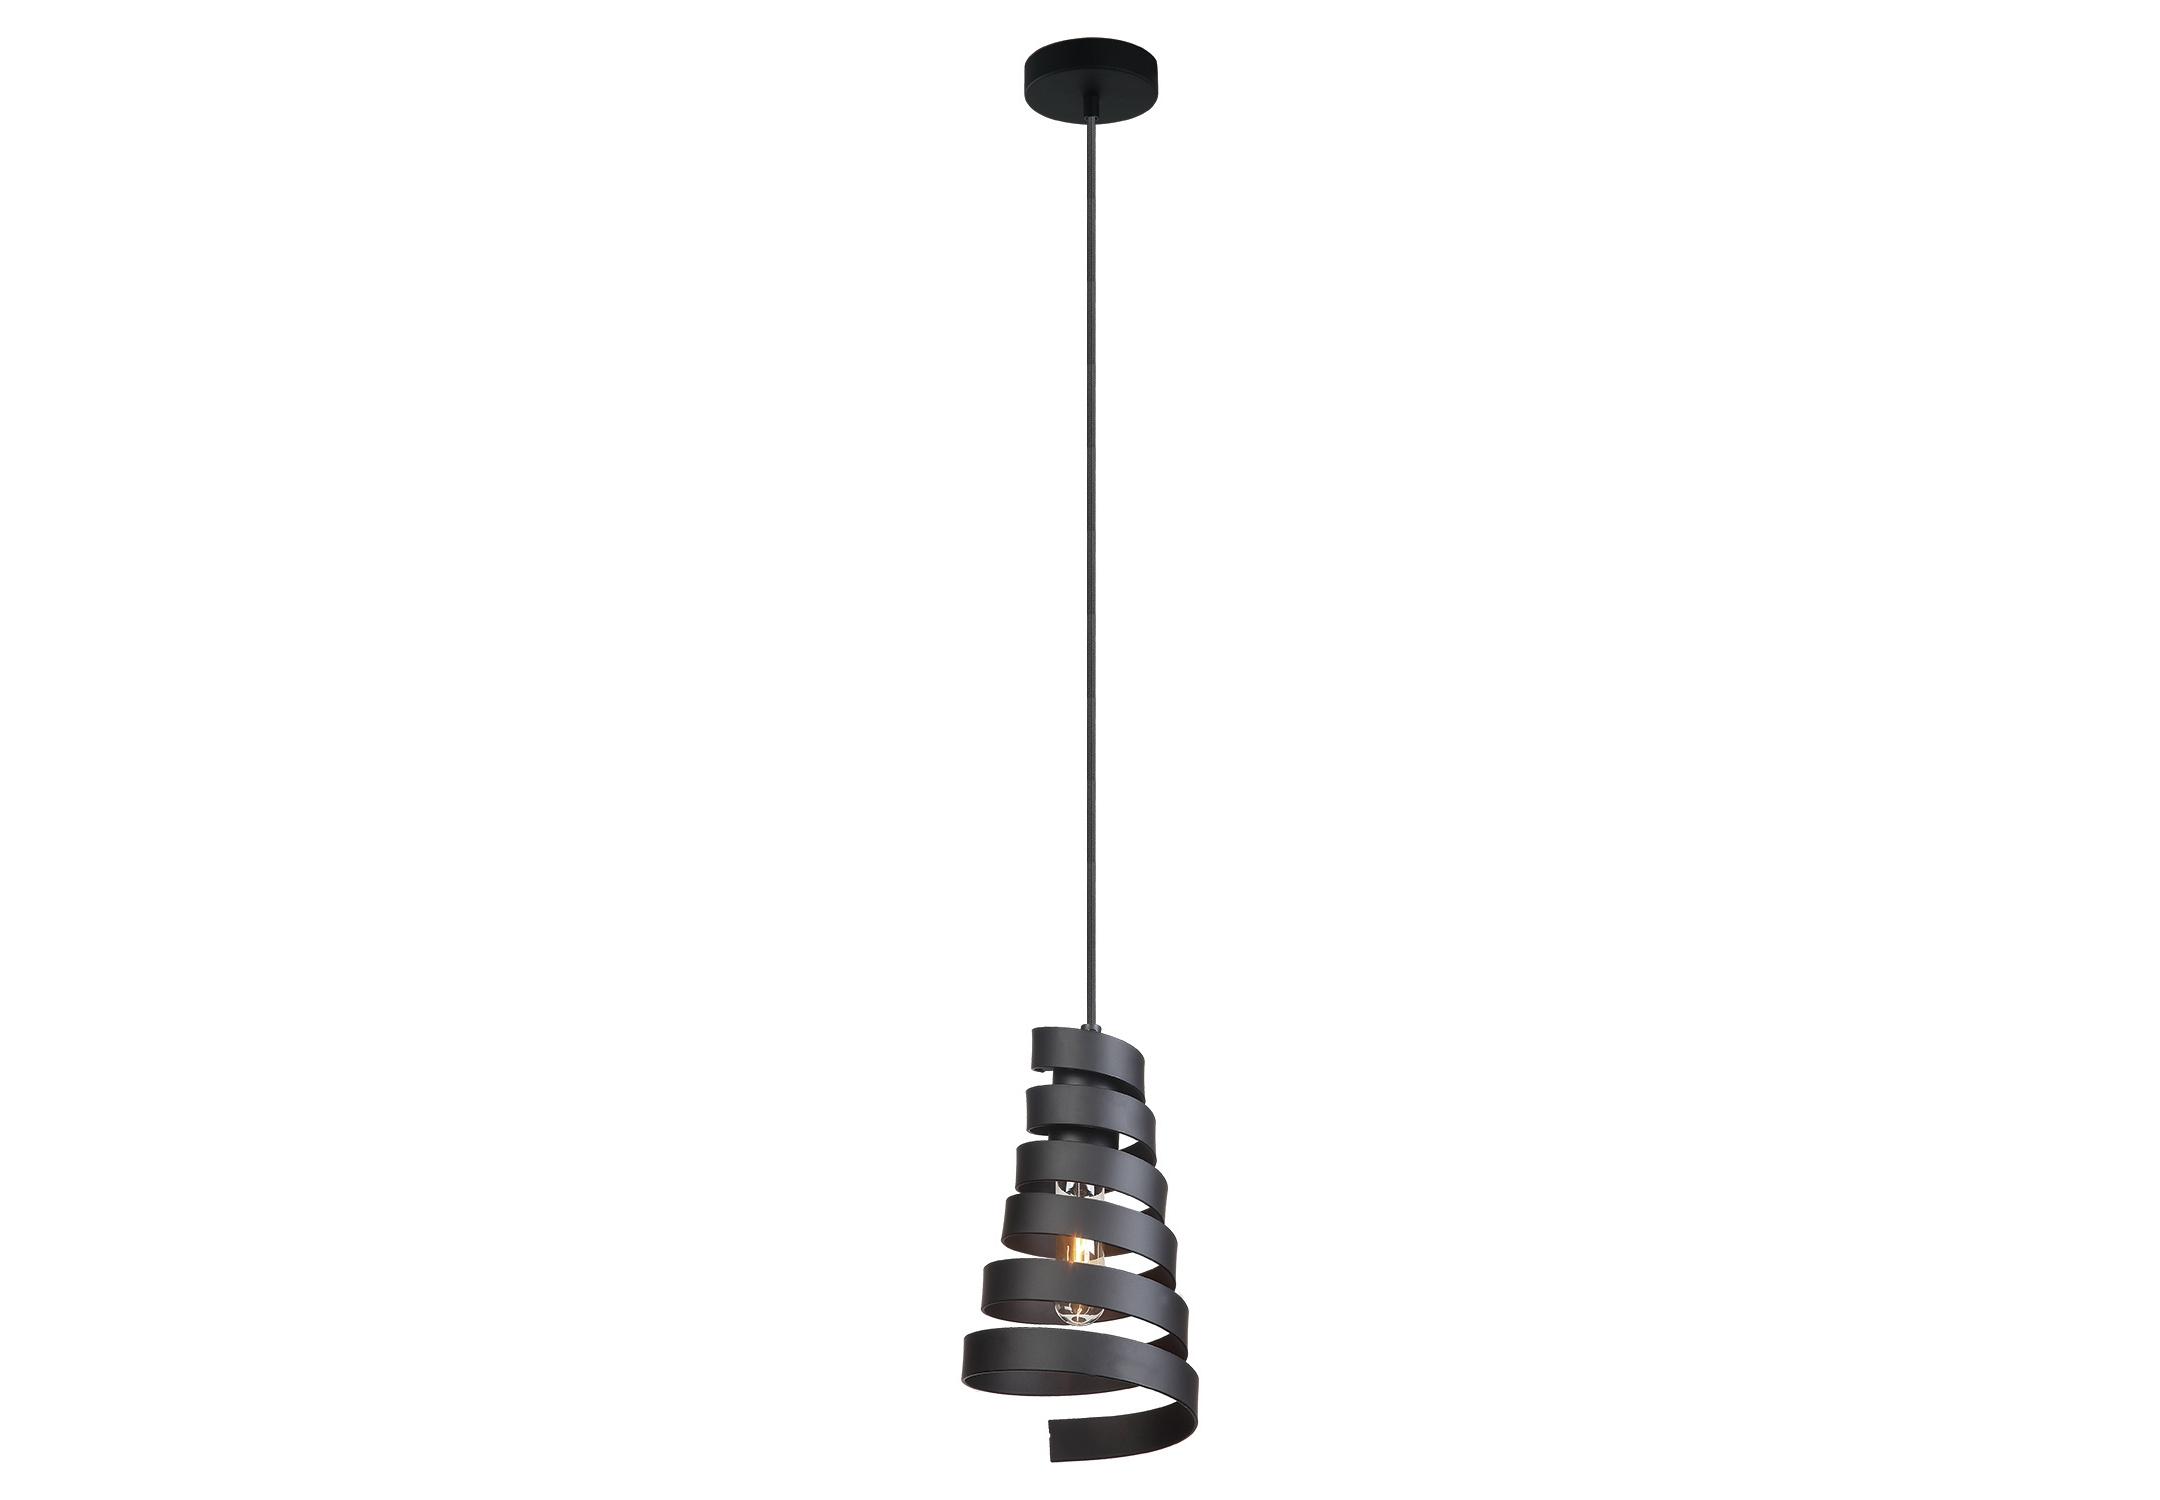 Подвесной светильникПодвесные светильники<br>&amp;lt;div&amp;gt;Цоколь: E27&amp;lt;/div&amp;gt;&amp;lt;div&amp;gt;Мощность ламп: 60W&amp;lt;/div&amp;gt;&amp;lt;div&amp;gt;Количество лампочек: 1&amp;lt;/div&amp;gt;<br><br>Material: Металл<br>Высота см: 140